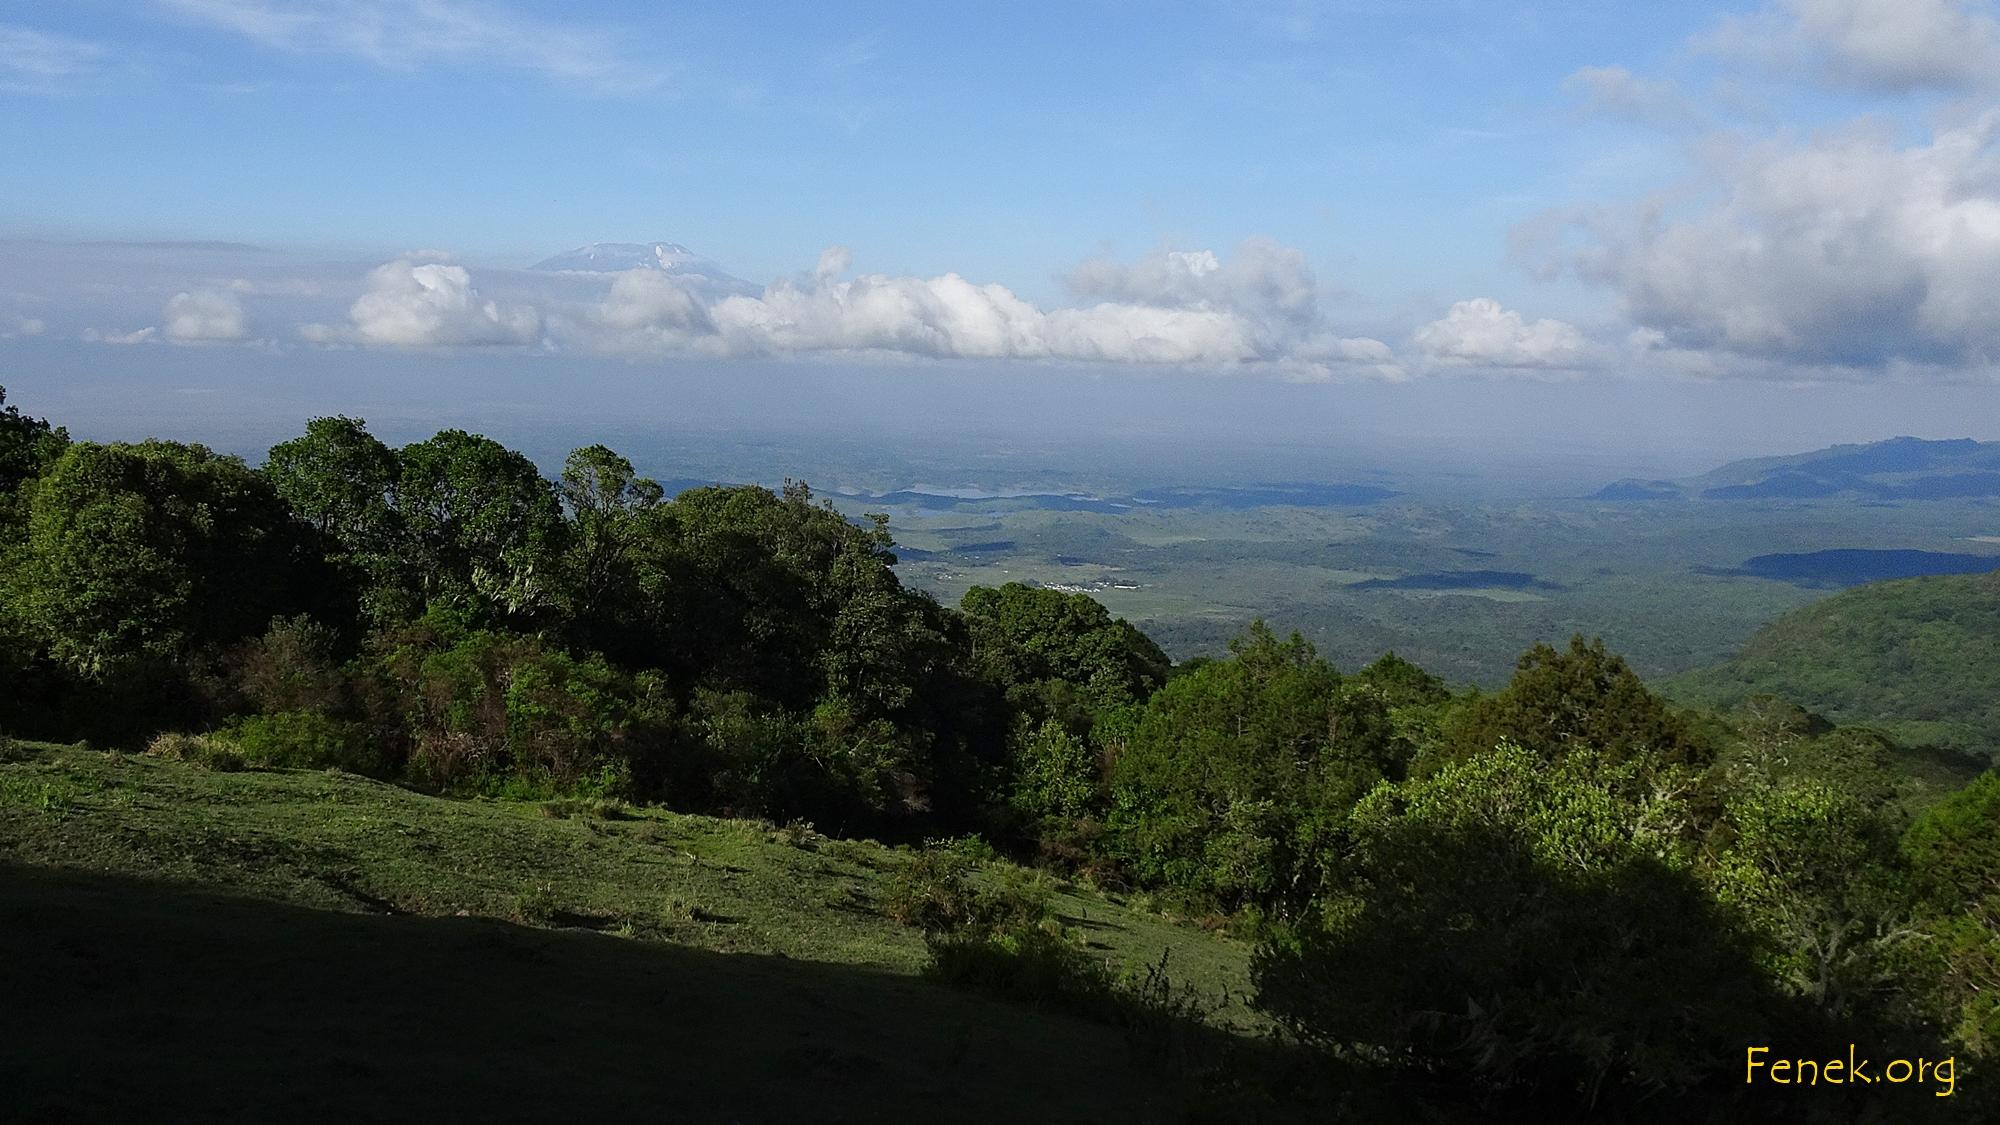 schon etwas höher sehen wir den Kilimanjaro